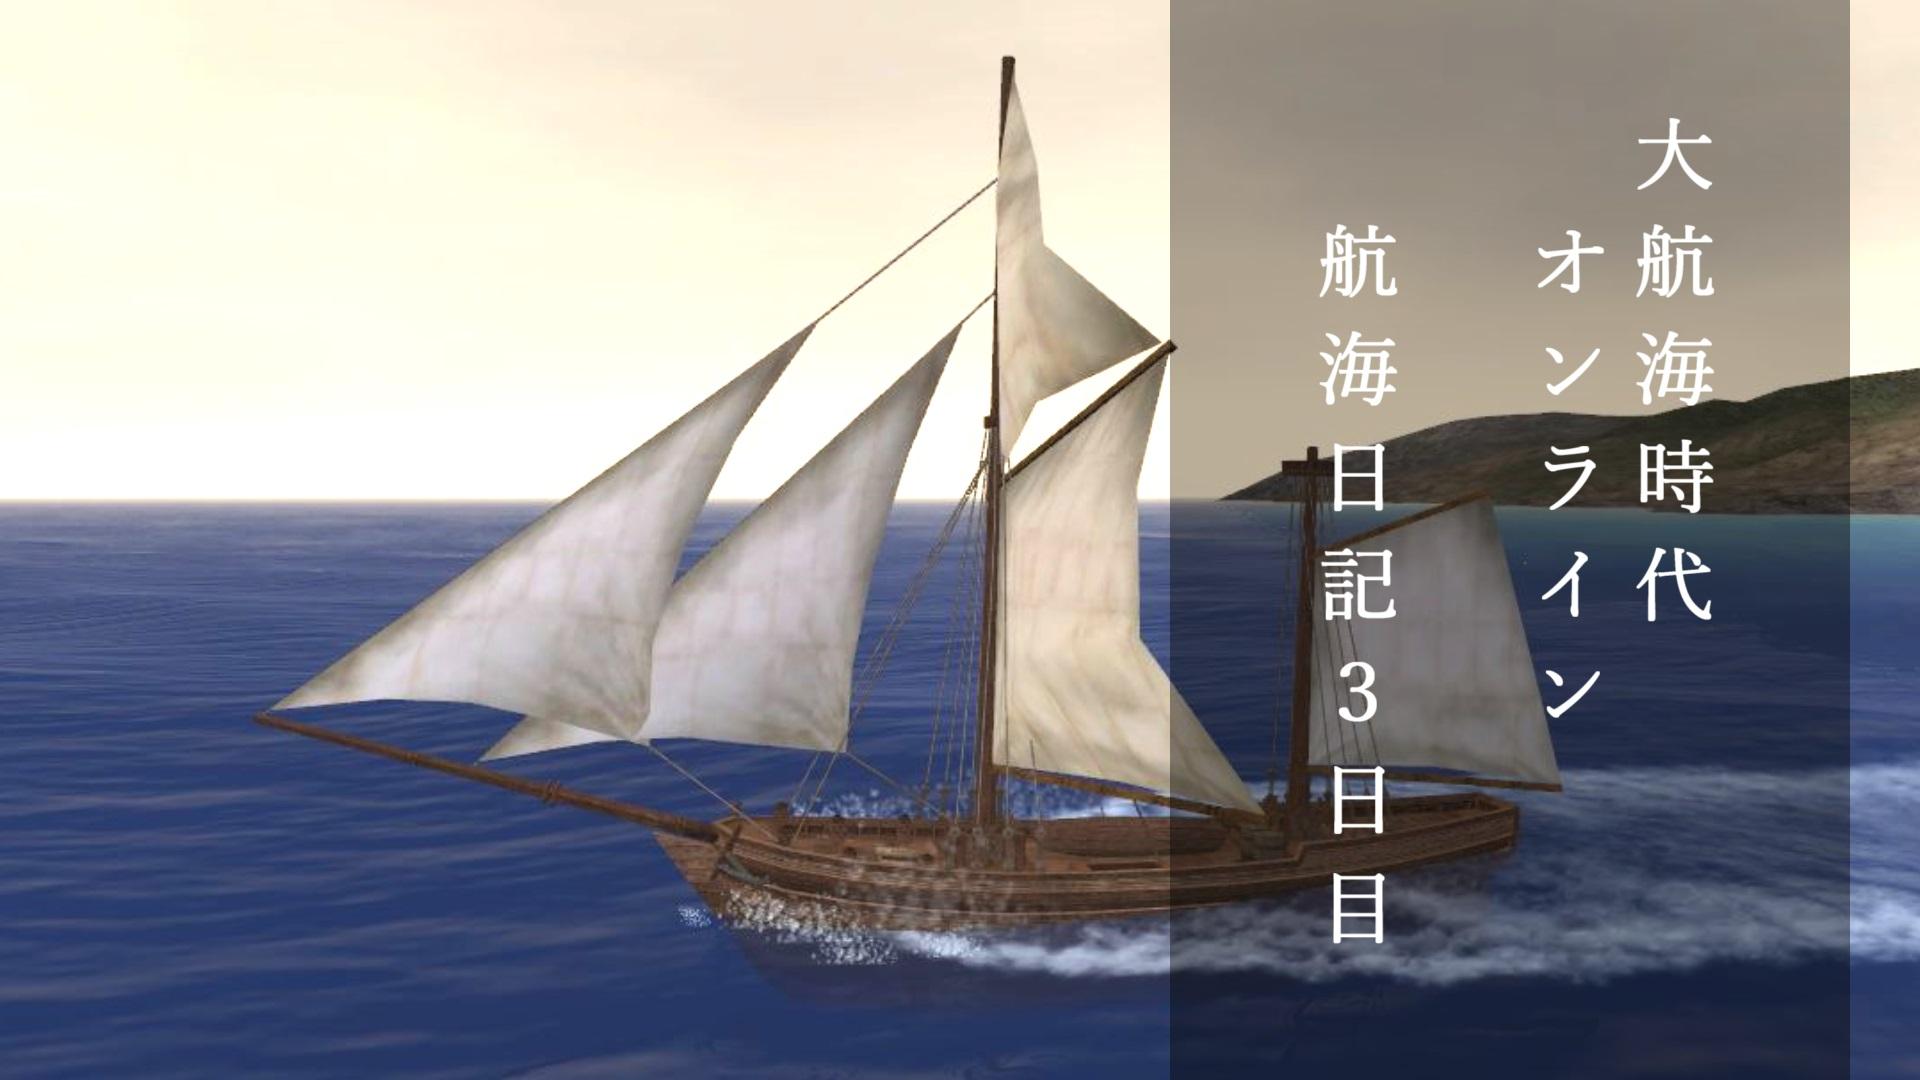 大航海時代オンラインで成り上がり【航海日記3日目】